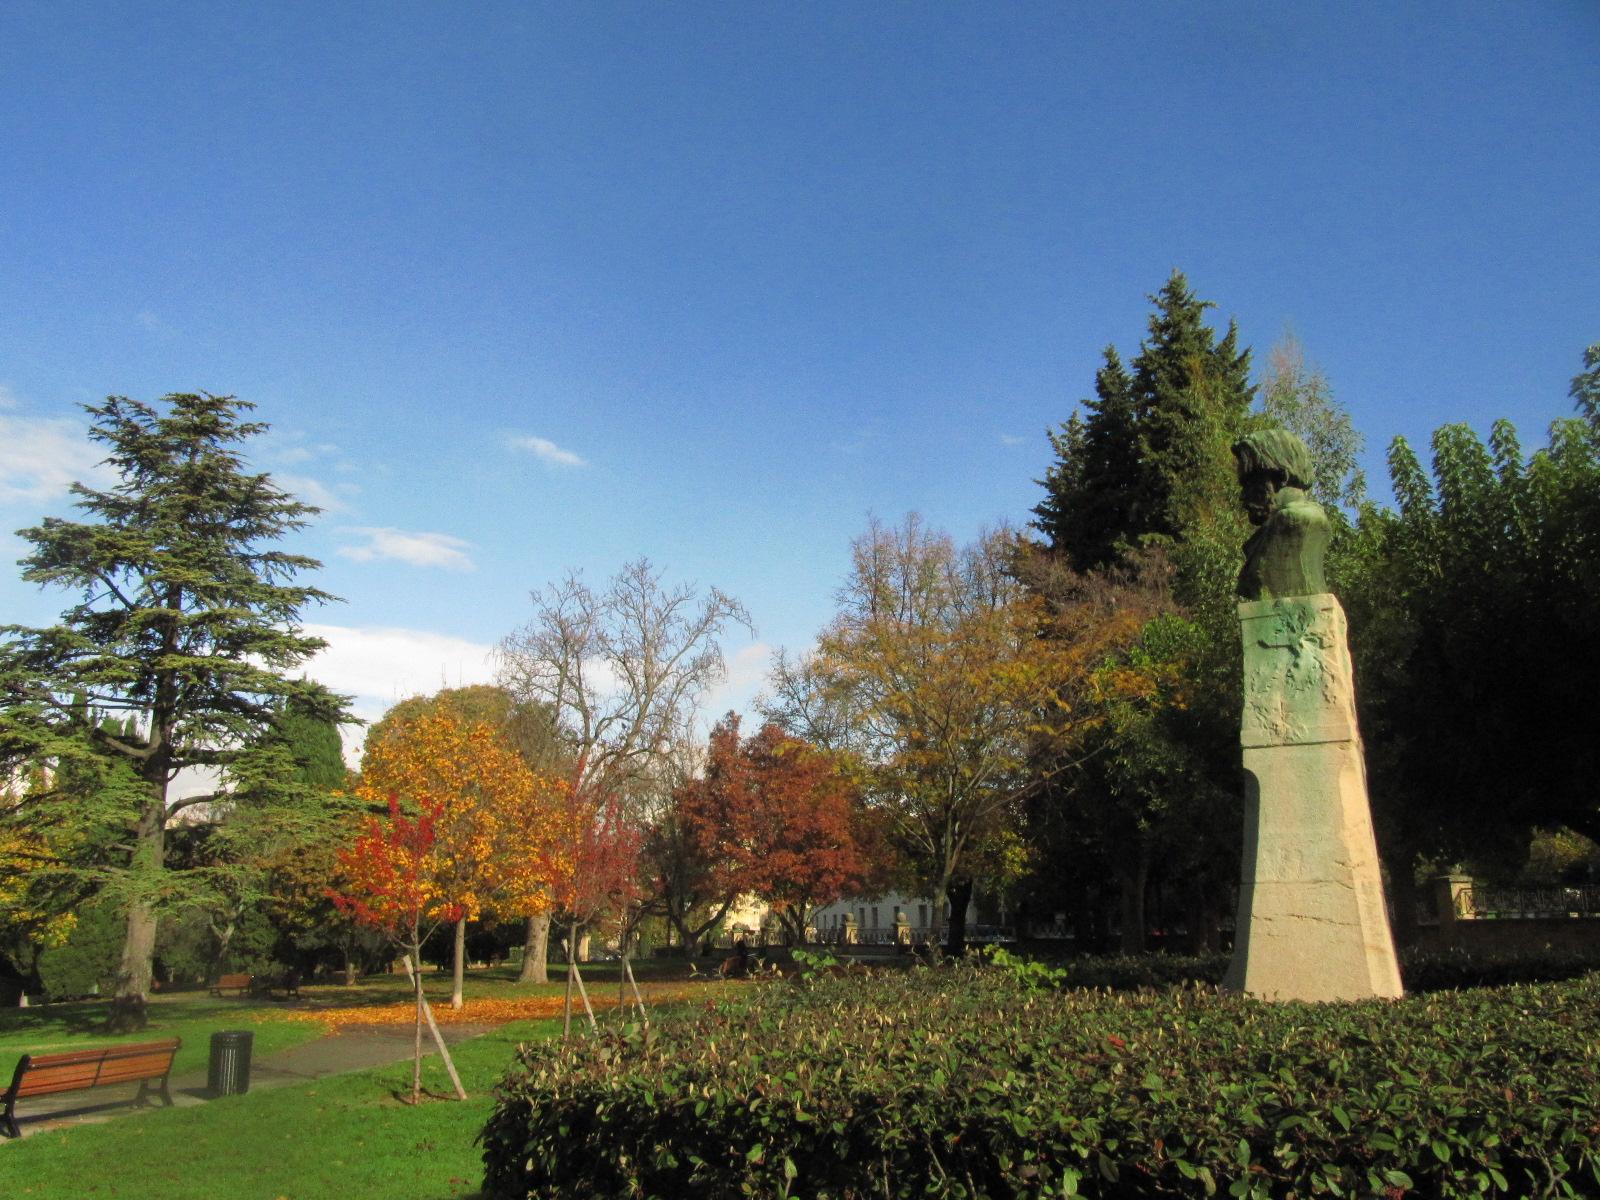 parc-jourdan-en-automne-emile-zola-029.JPG